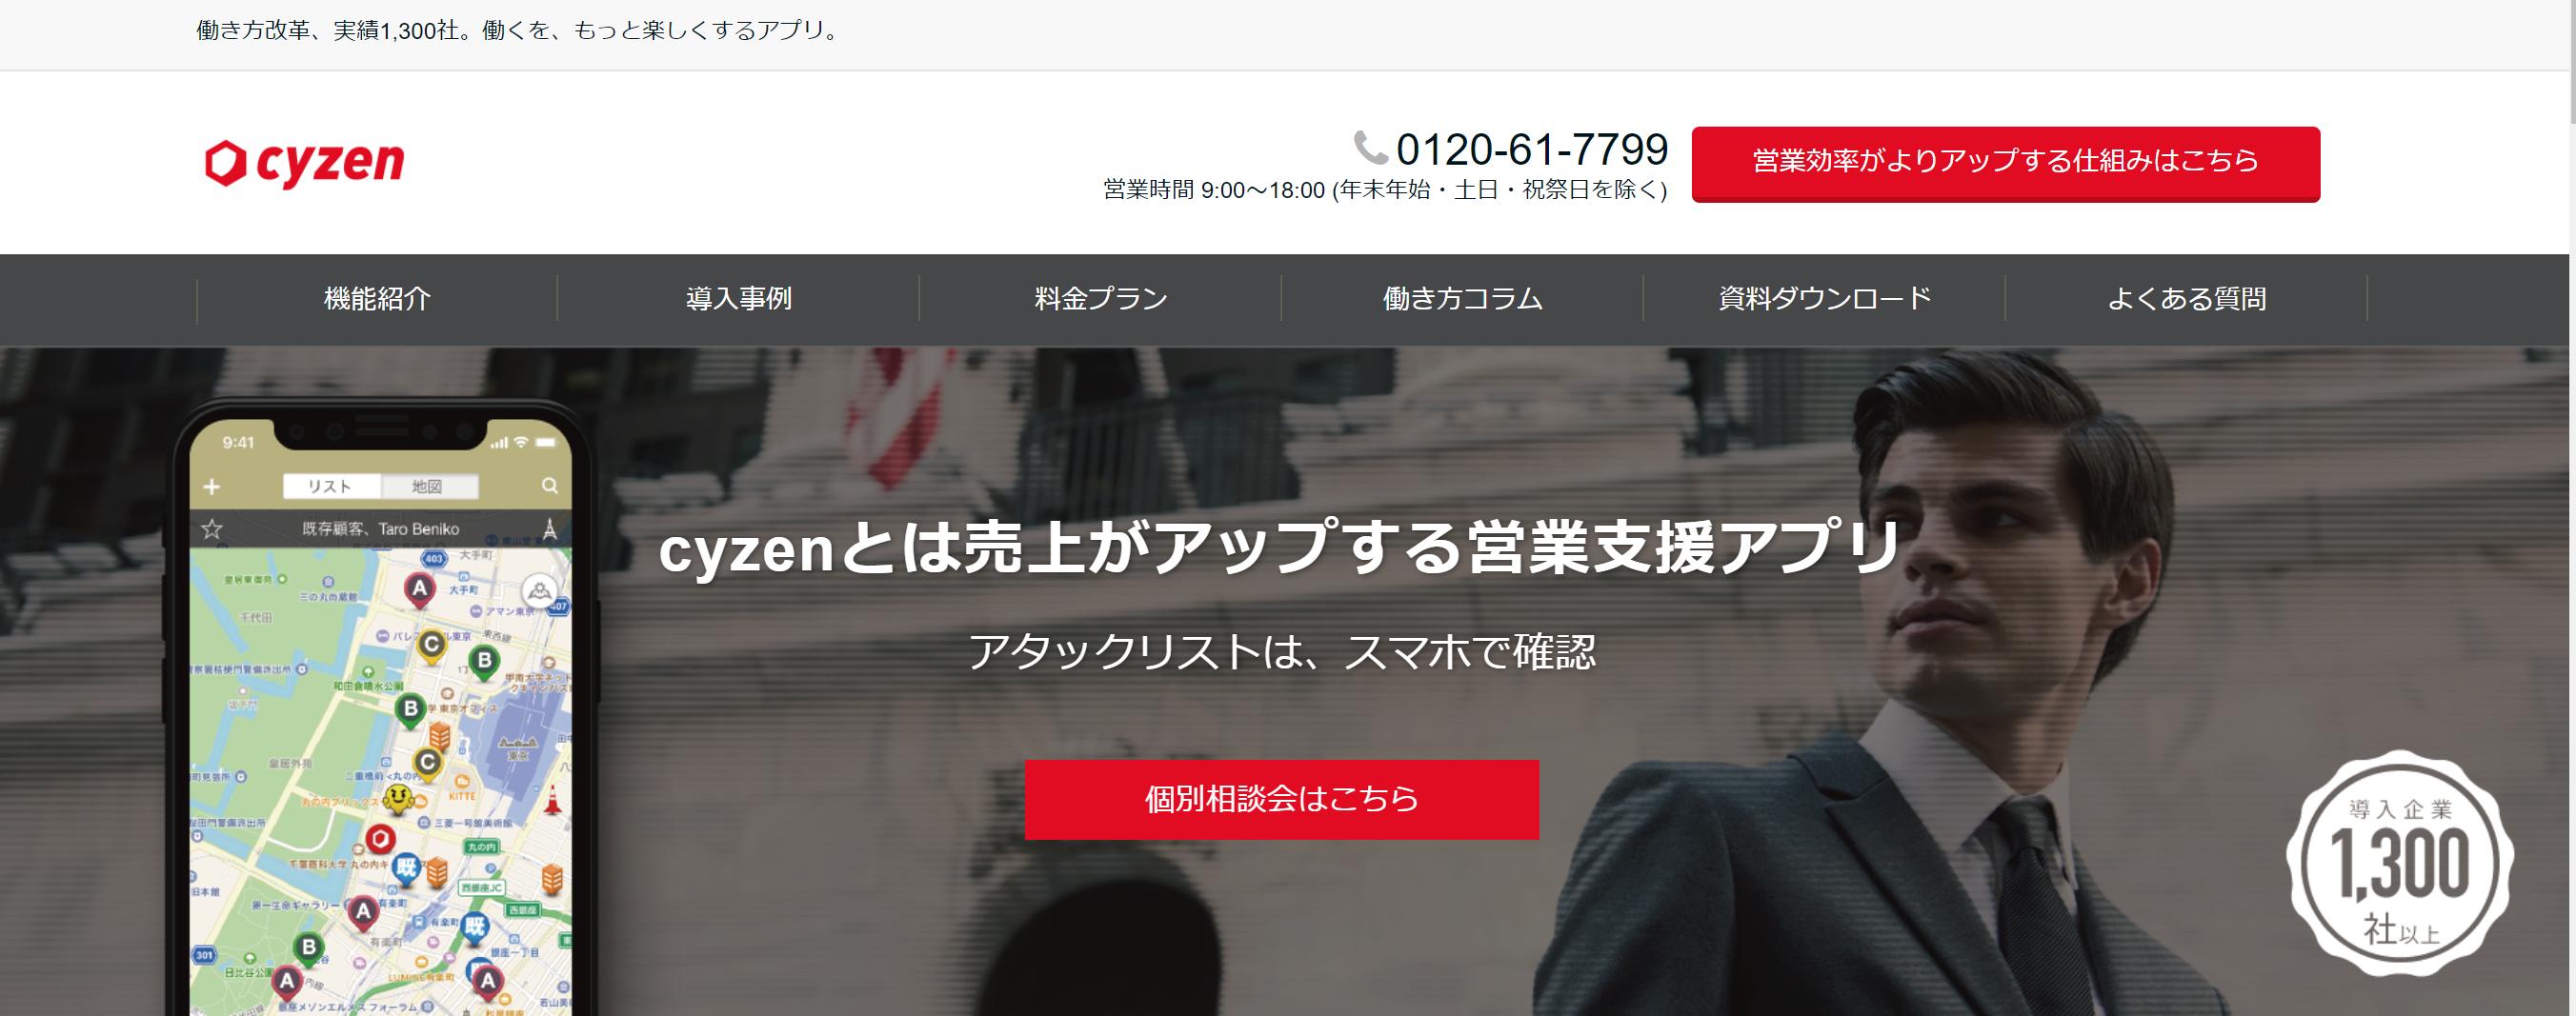 営業マン・チーム向けの売上アップが期待できる顧客管理アプリ9選